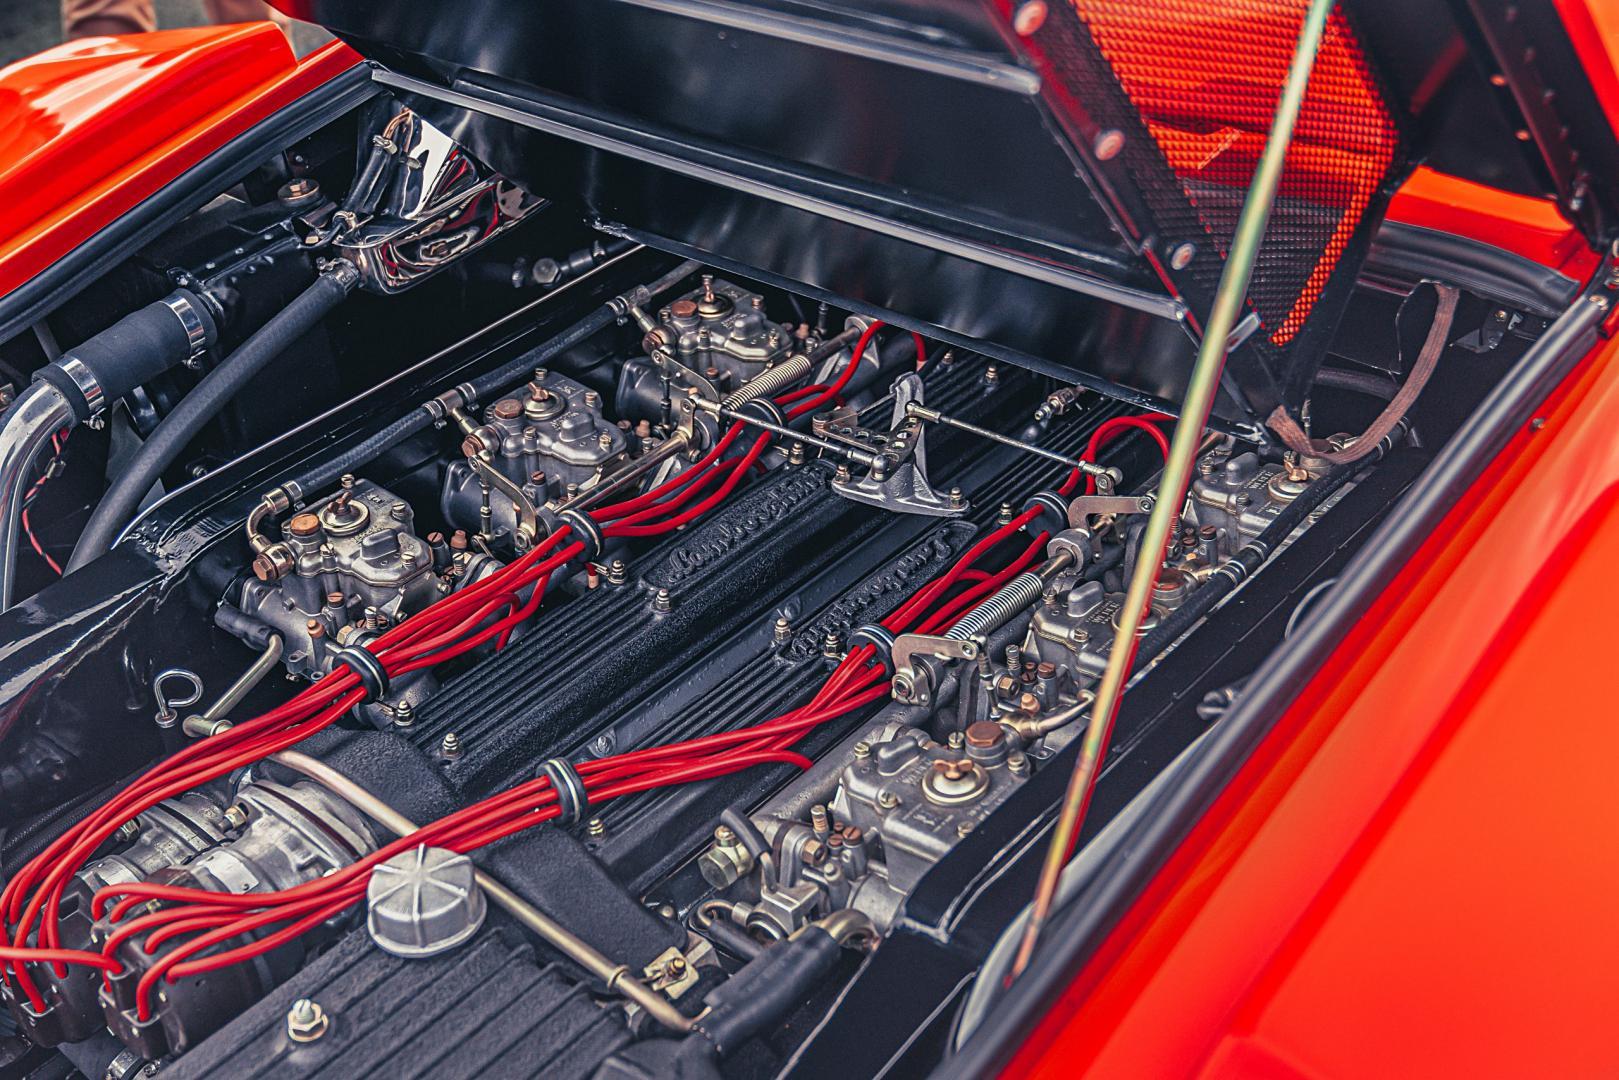 Lamborghini Countach (rood) v12-motor